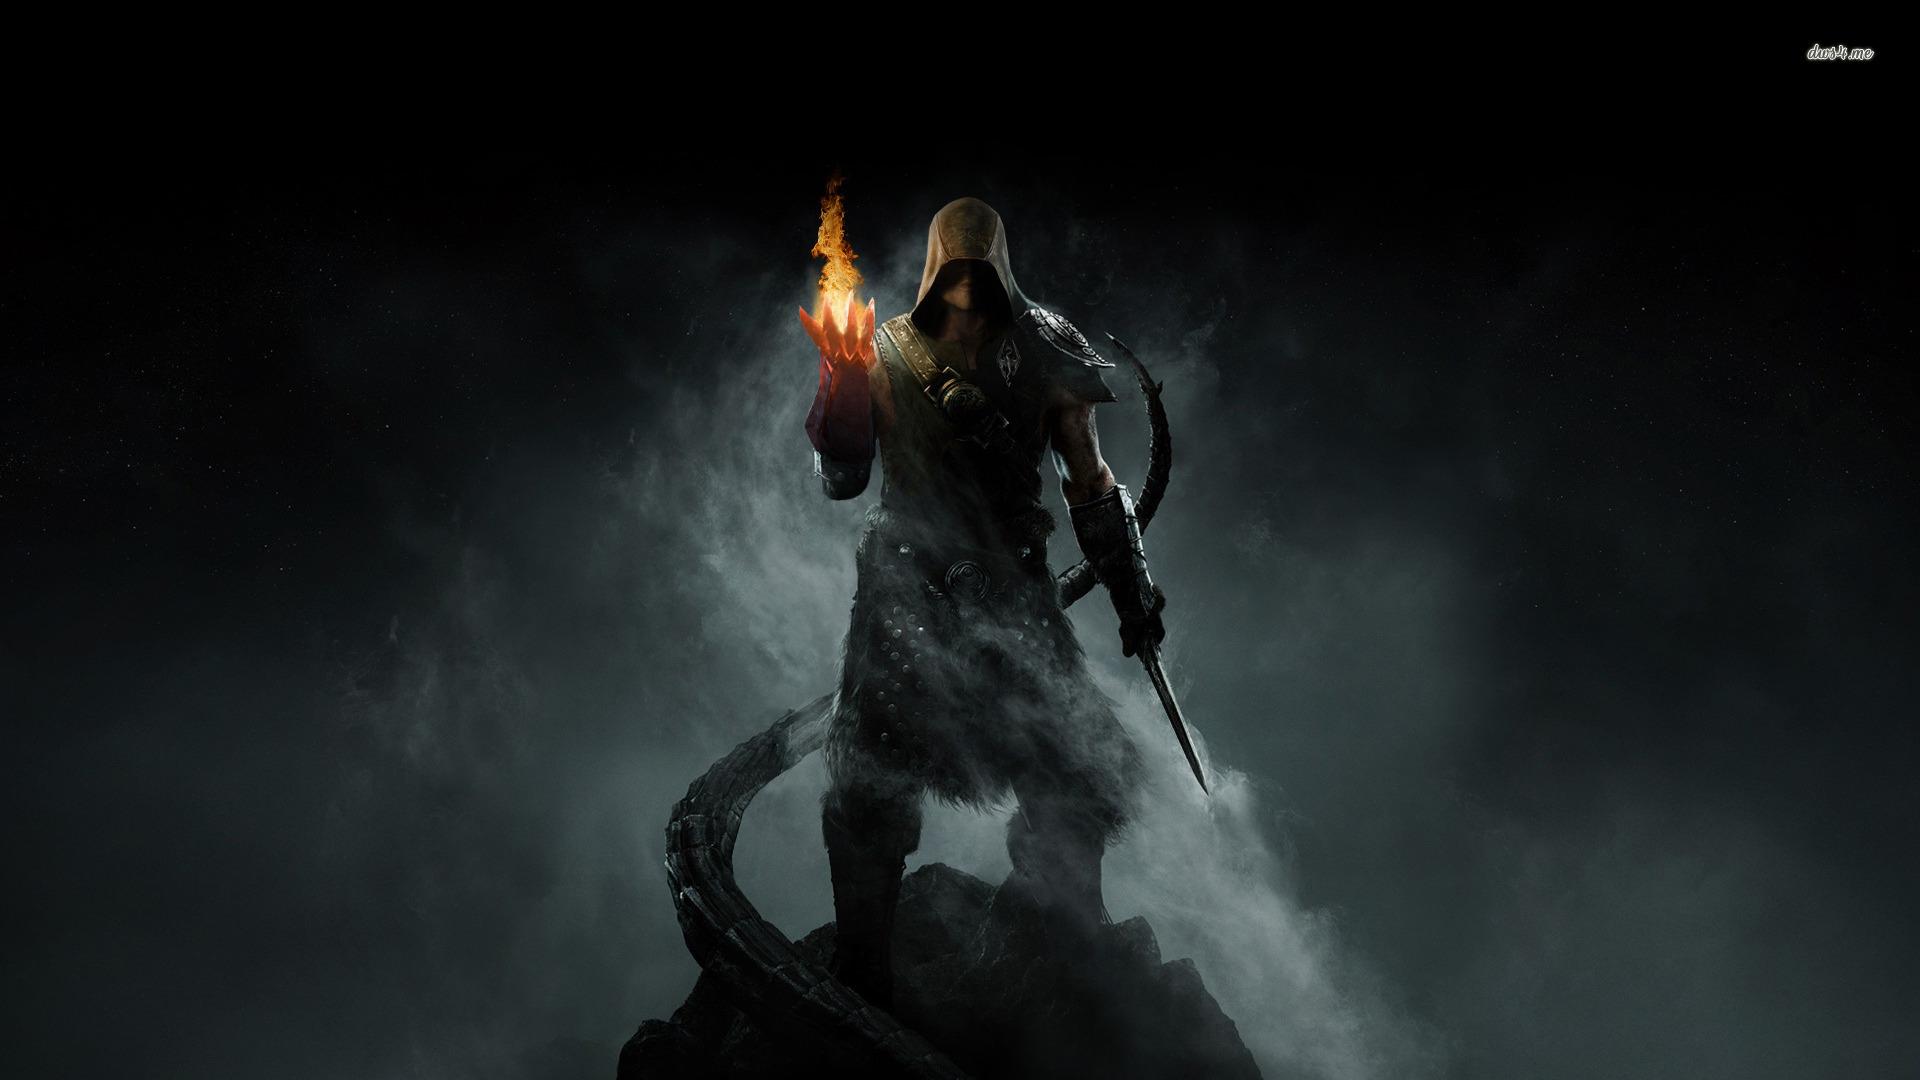 The Elder Scrolls V Skyrim 2011 US 85 milhes 1920x1080